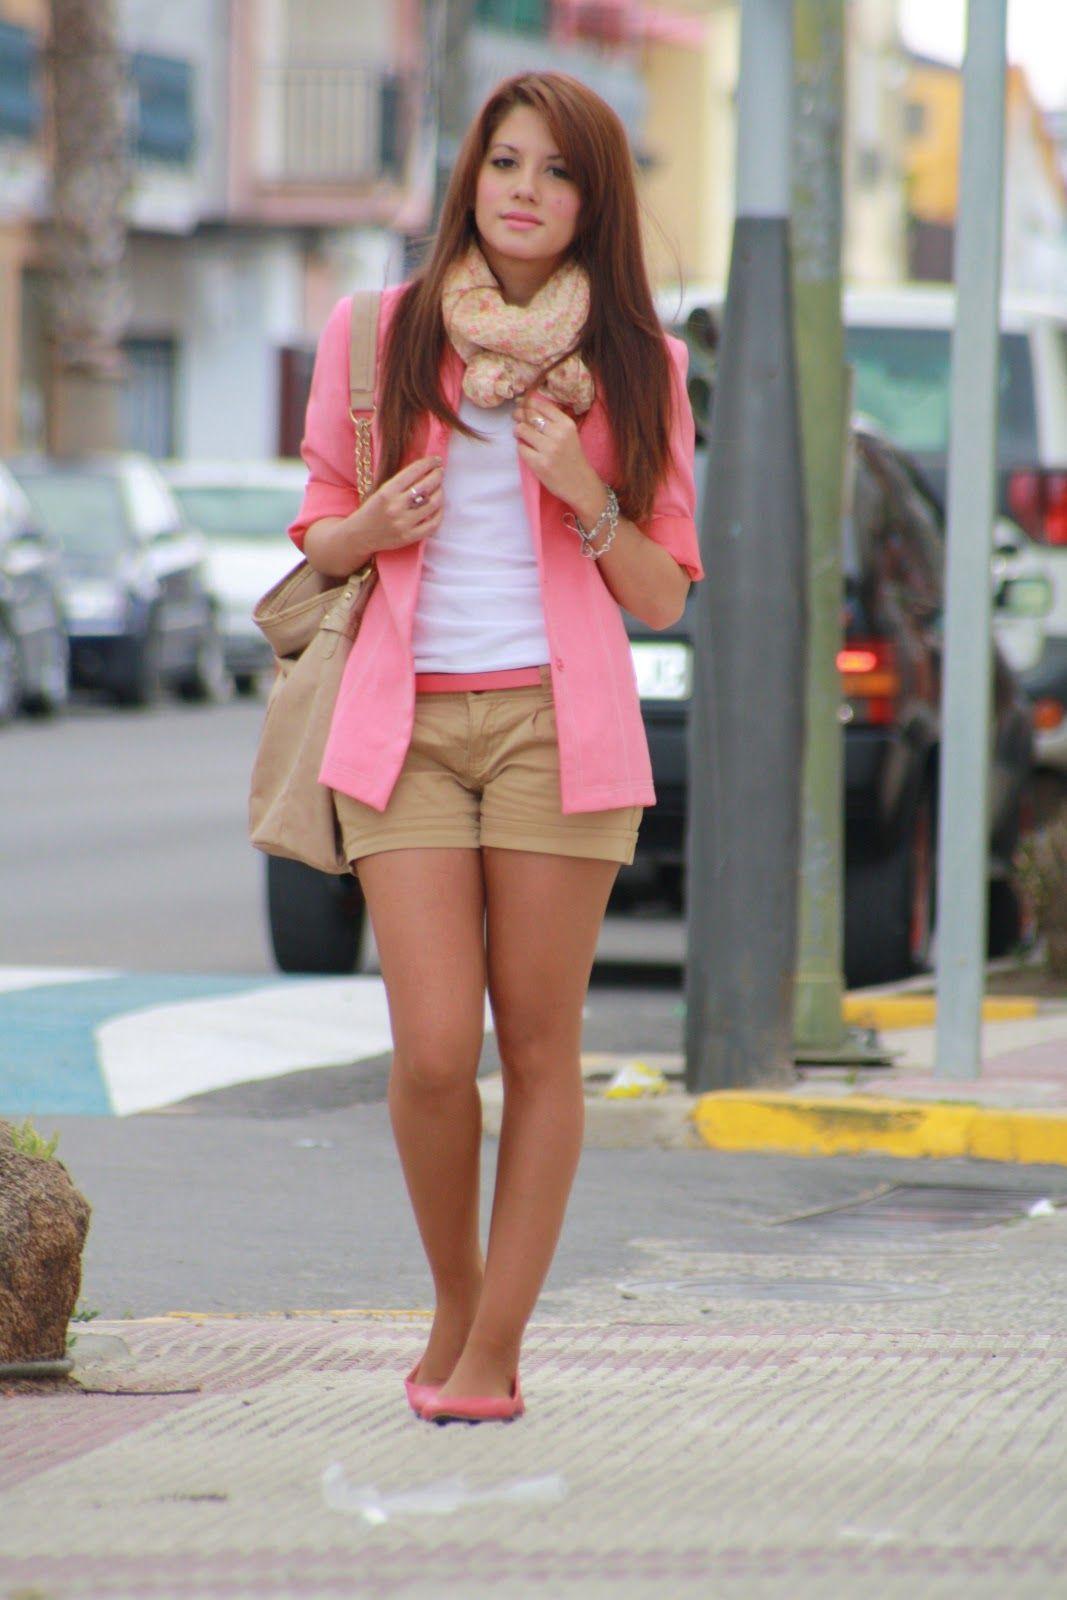 Zapatos rosa outfits pinterest pantalones amarillos - Colores para combinar con gris claro ...